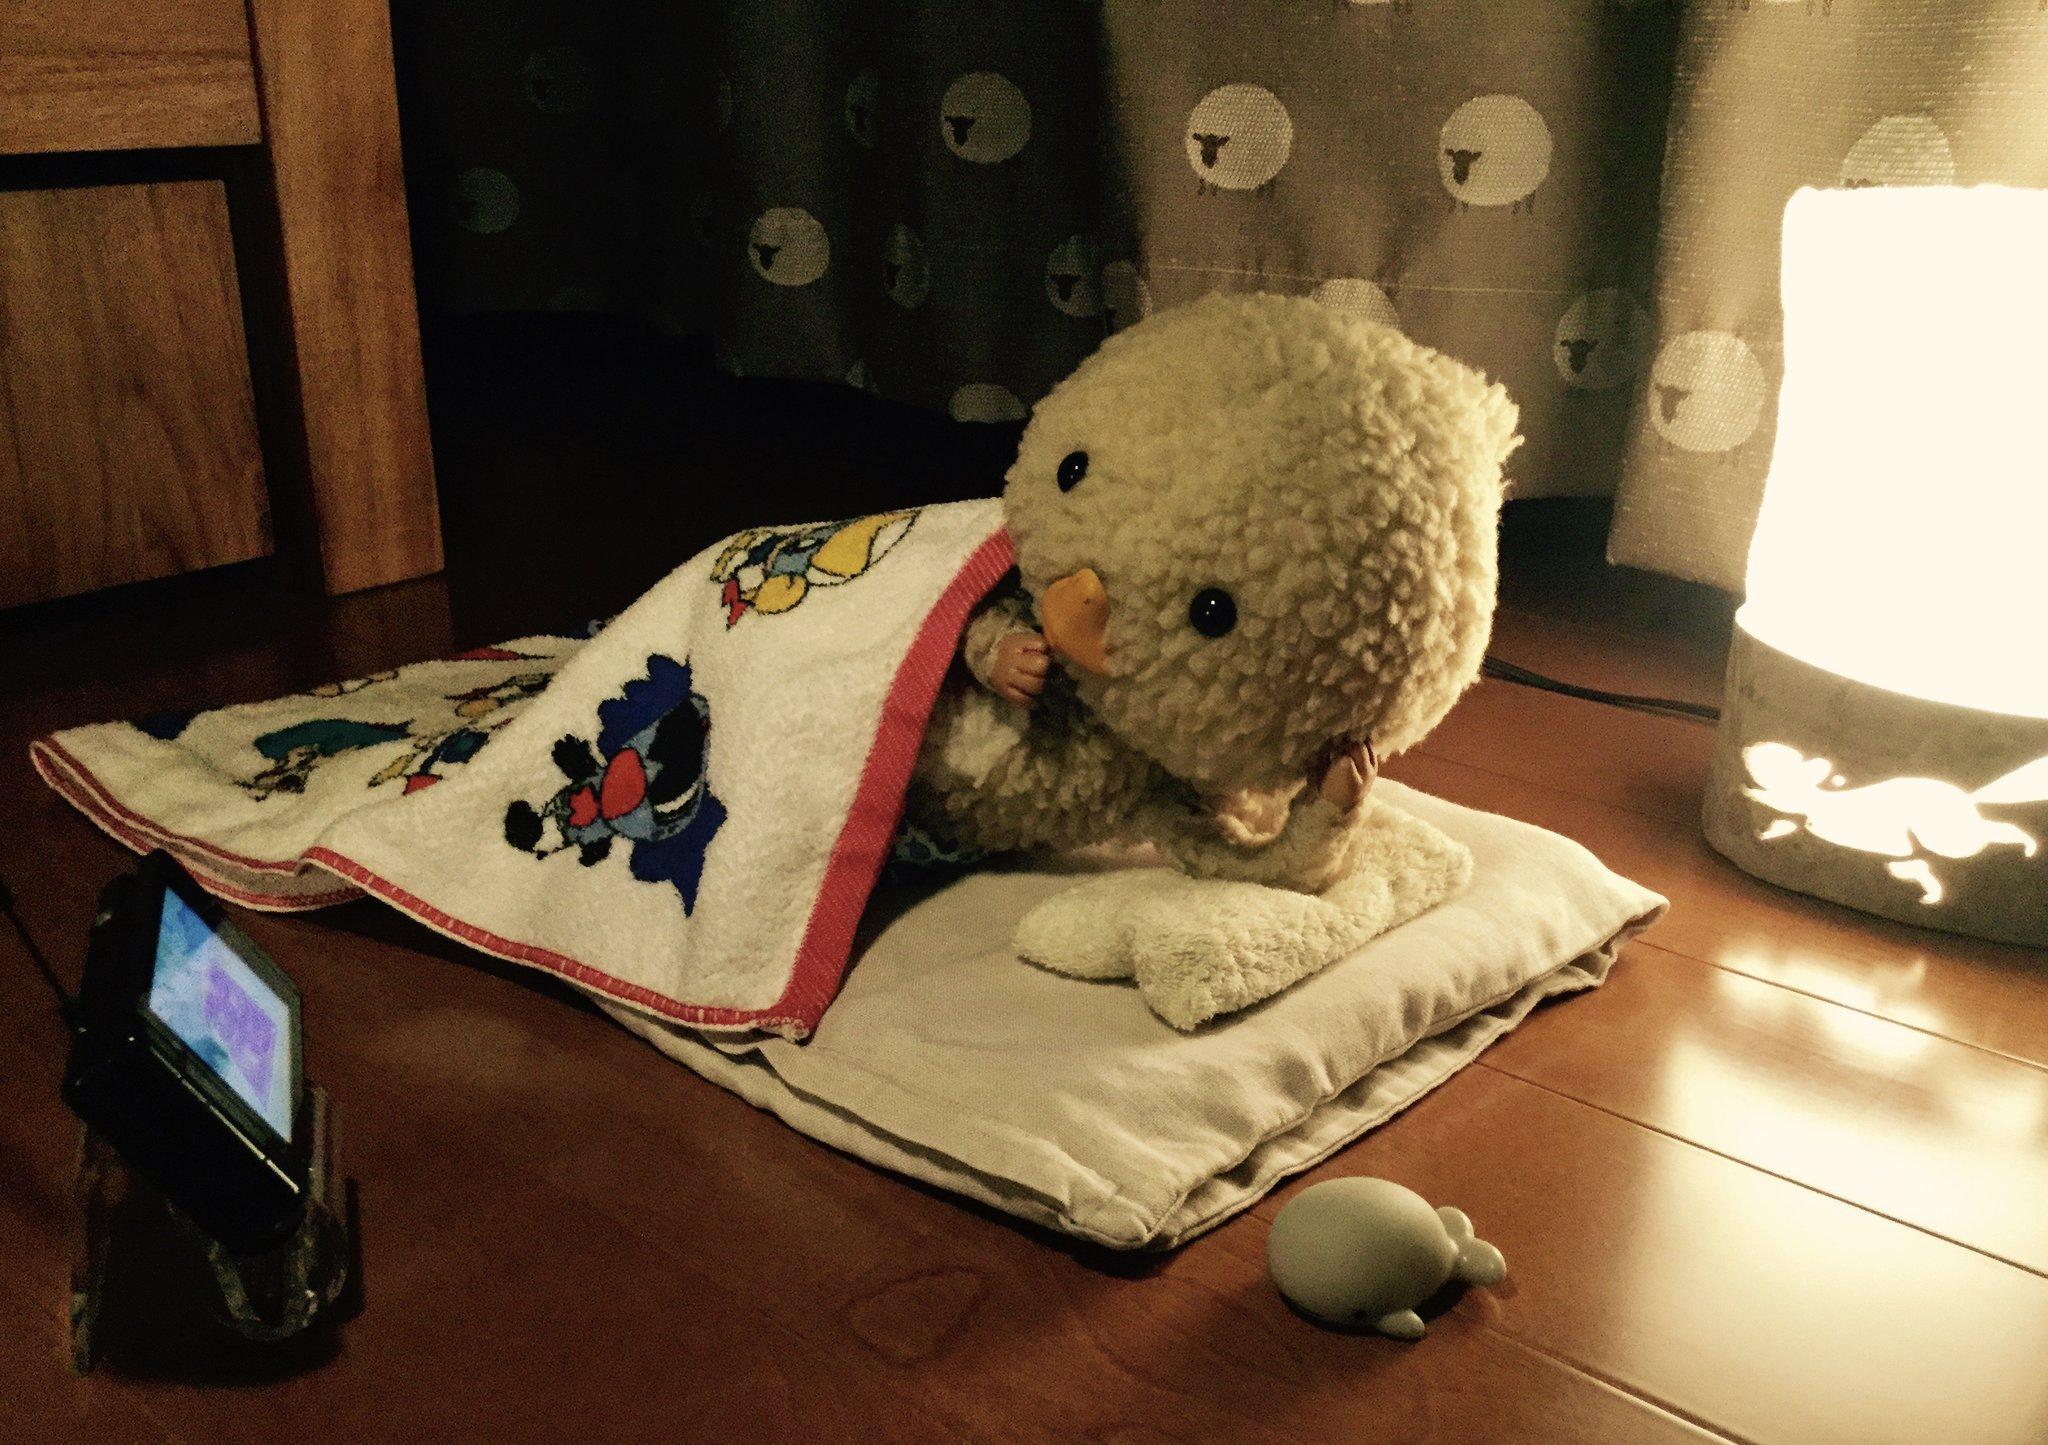 東京トガリくん,映画サマーウォーズを観てる,布団の中で